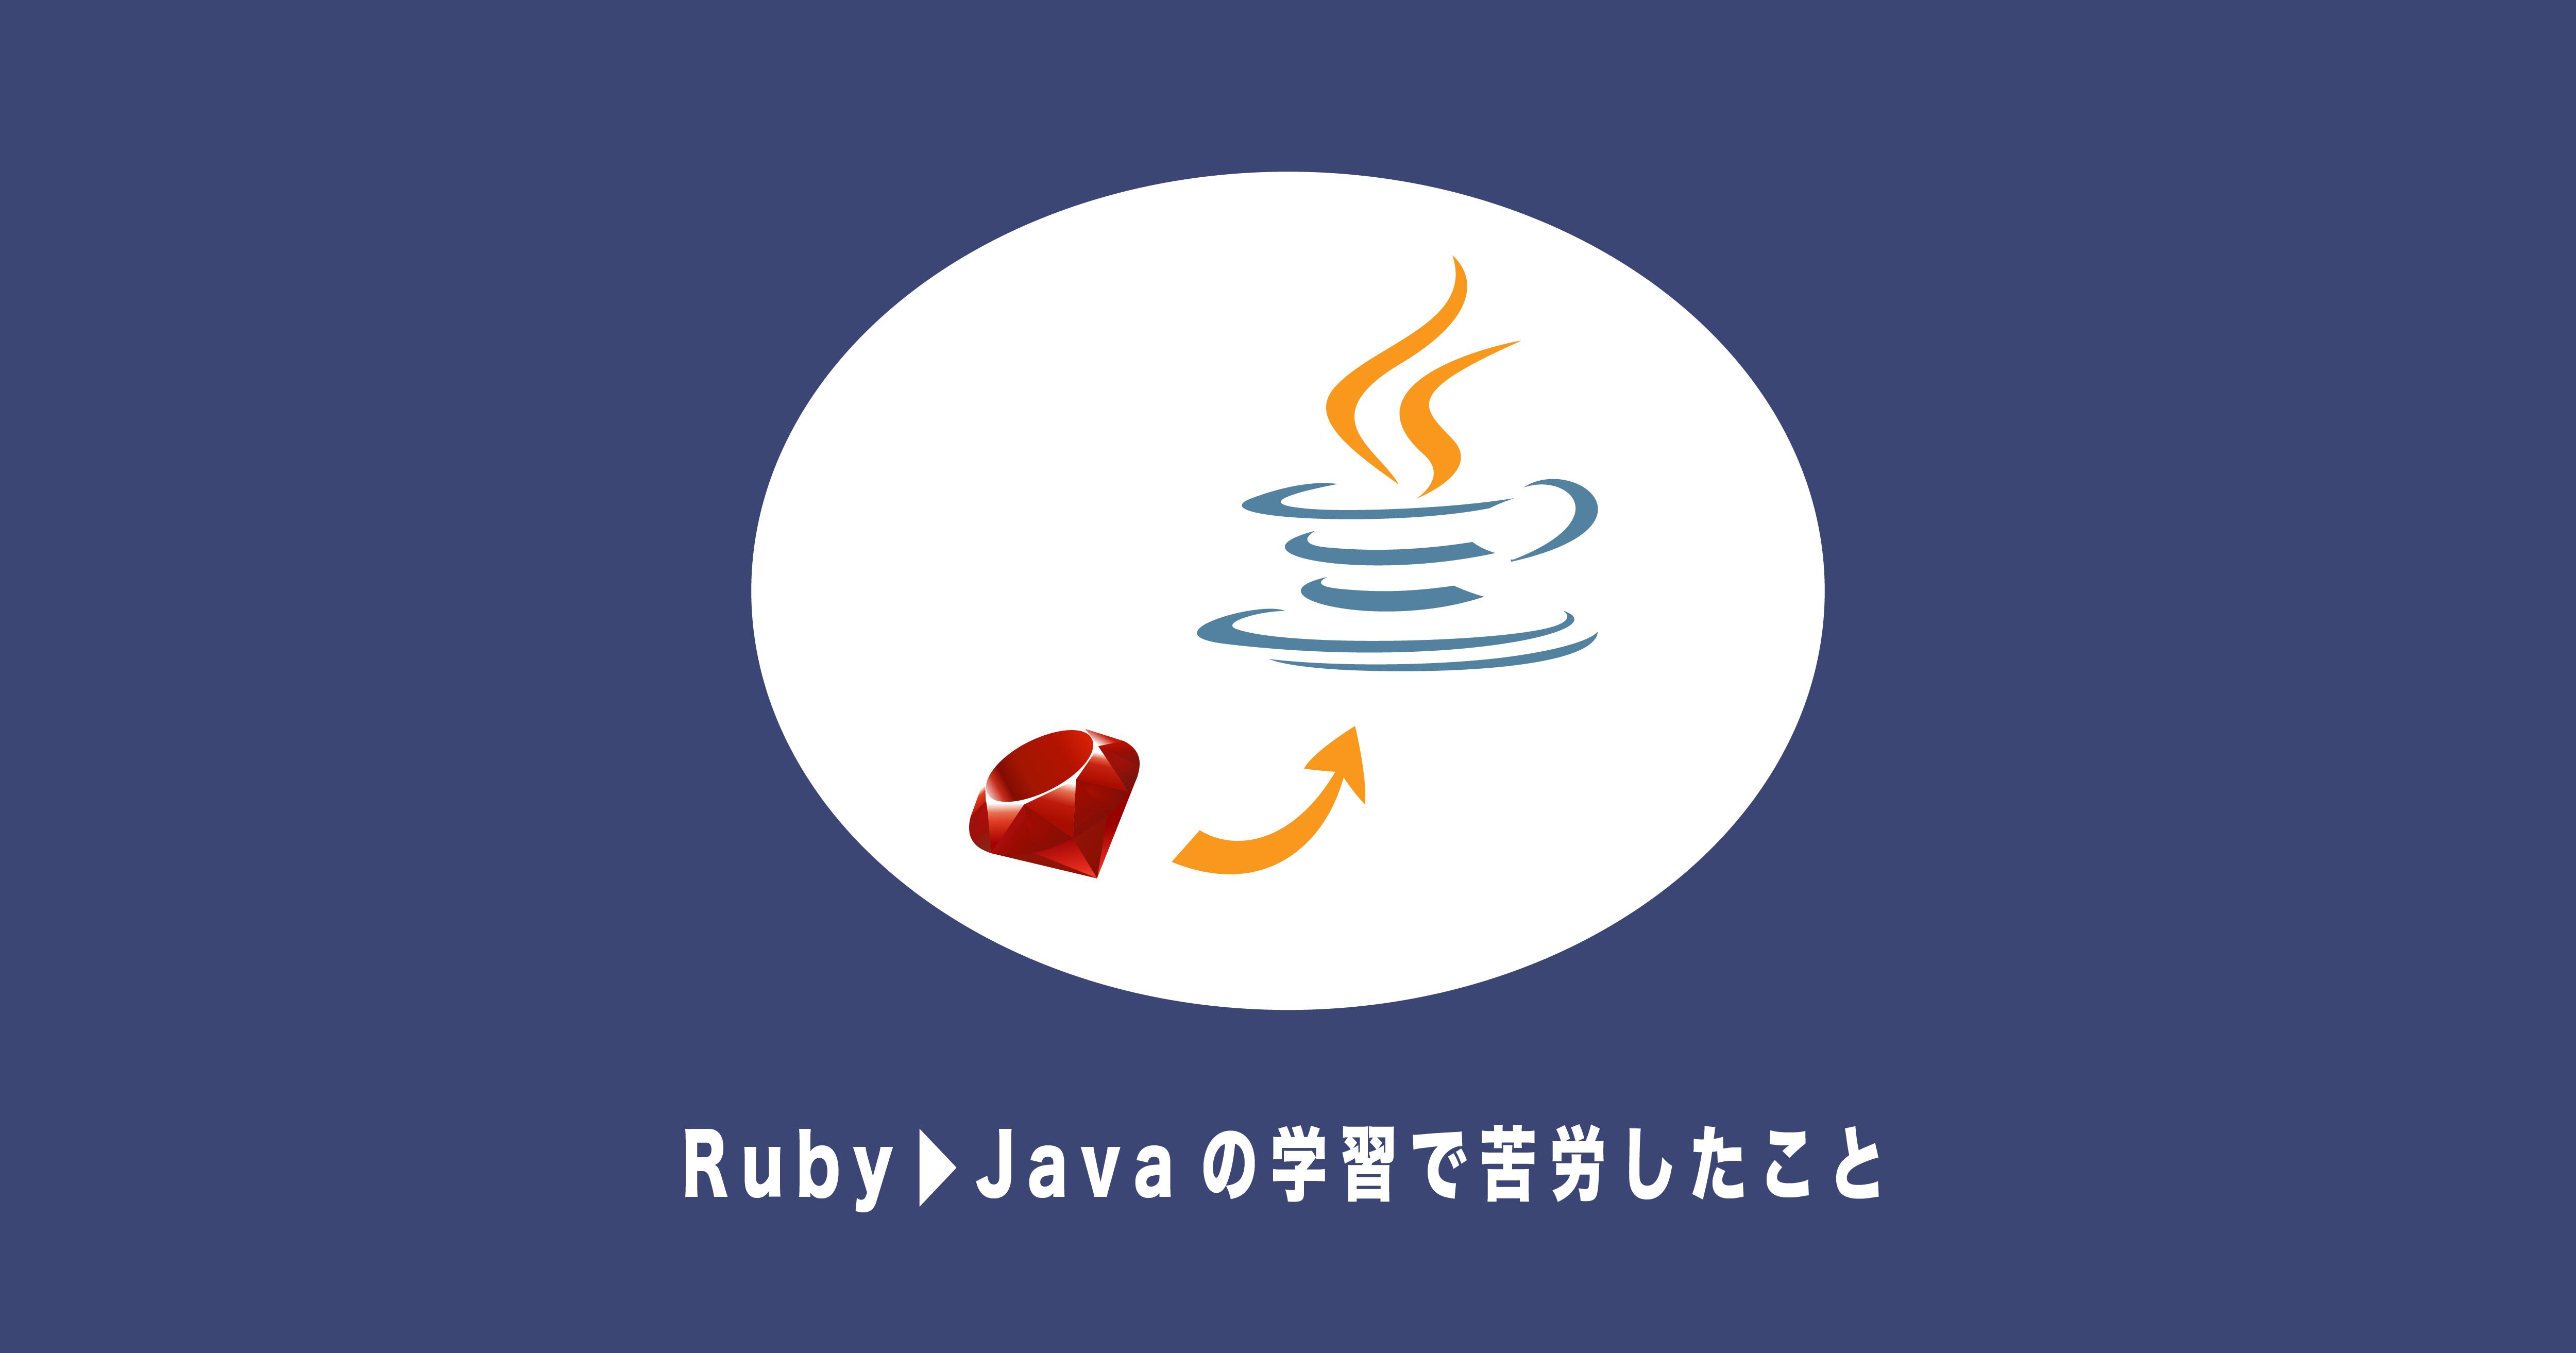 RubyからJavaの学習で苦労したこと